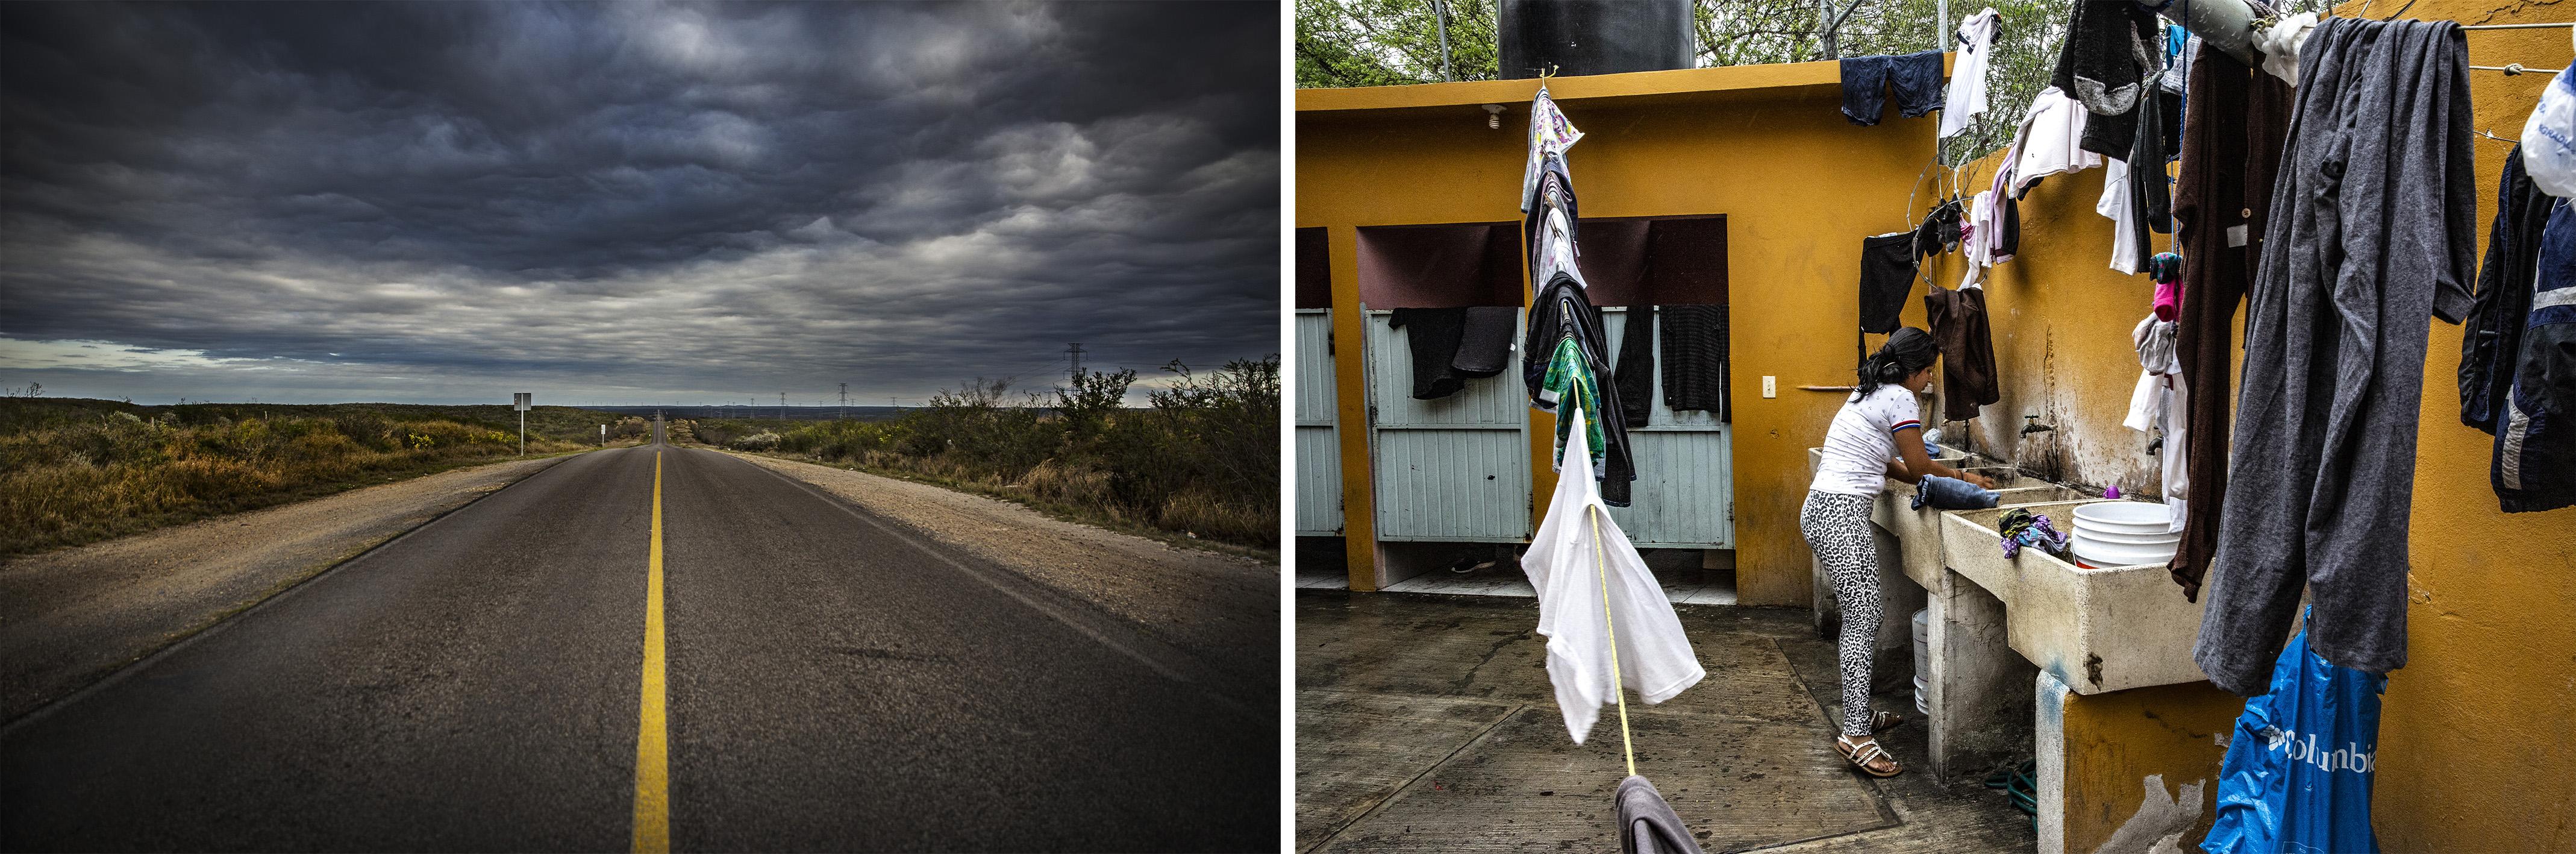 (gauche)Route de Piedras Negras à Nuevo Laredo. De là, de nombreux migrants tentent de franchir la frontière avec les États-Unis. (droite) Une femme lave son linge dans un refuge pour migrants au Mexique. Juan Carlos Tomasi/MSF